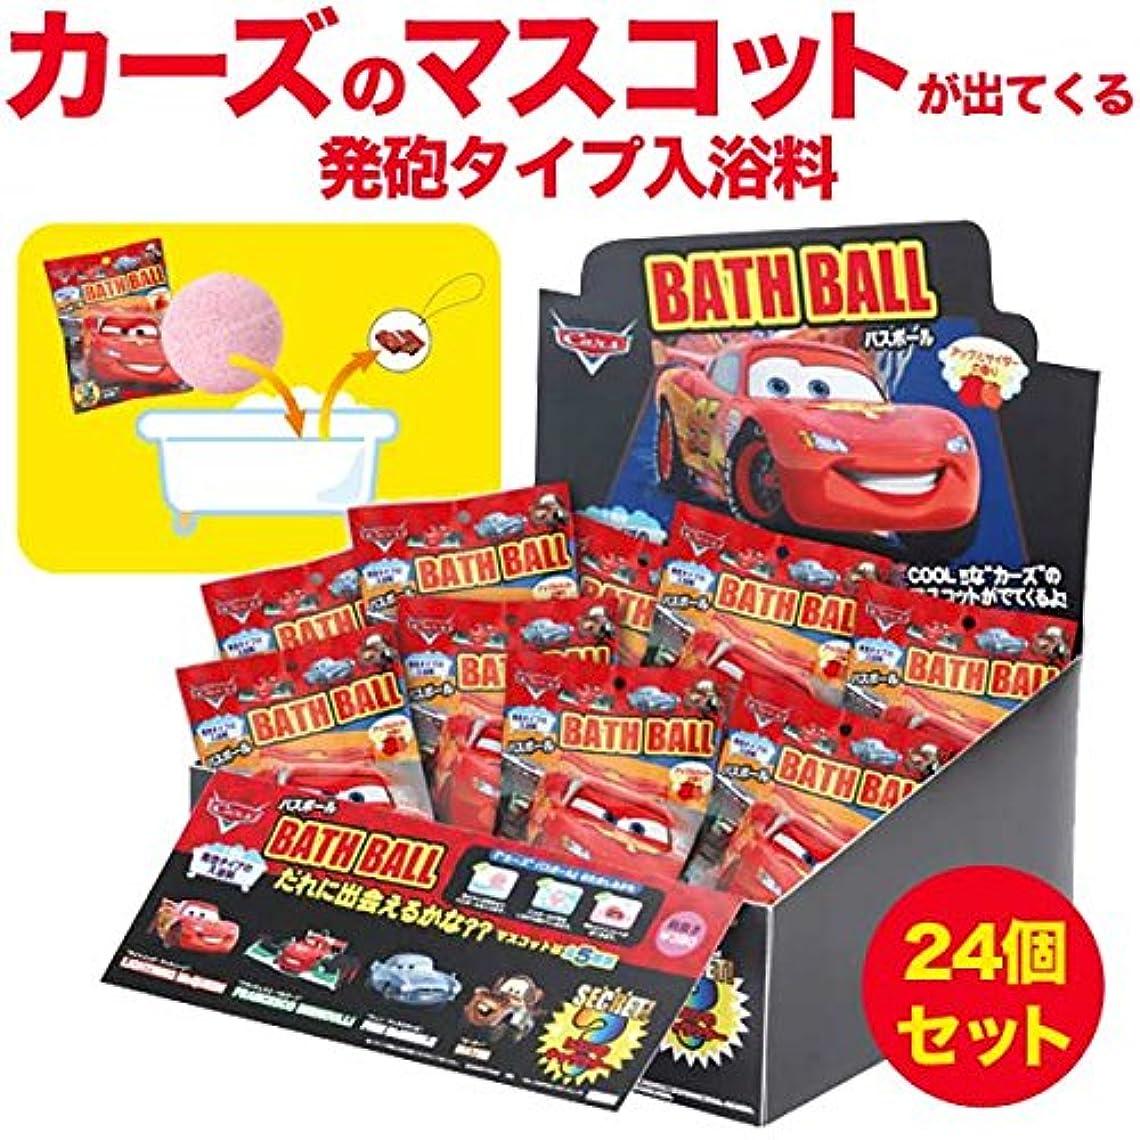 福袋 (セット品) カーズ バスボール ディスプレイボックス入り 24個セット